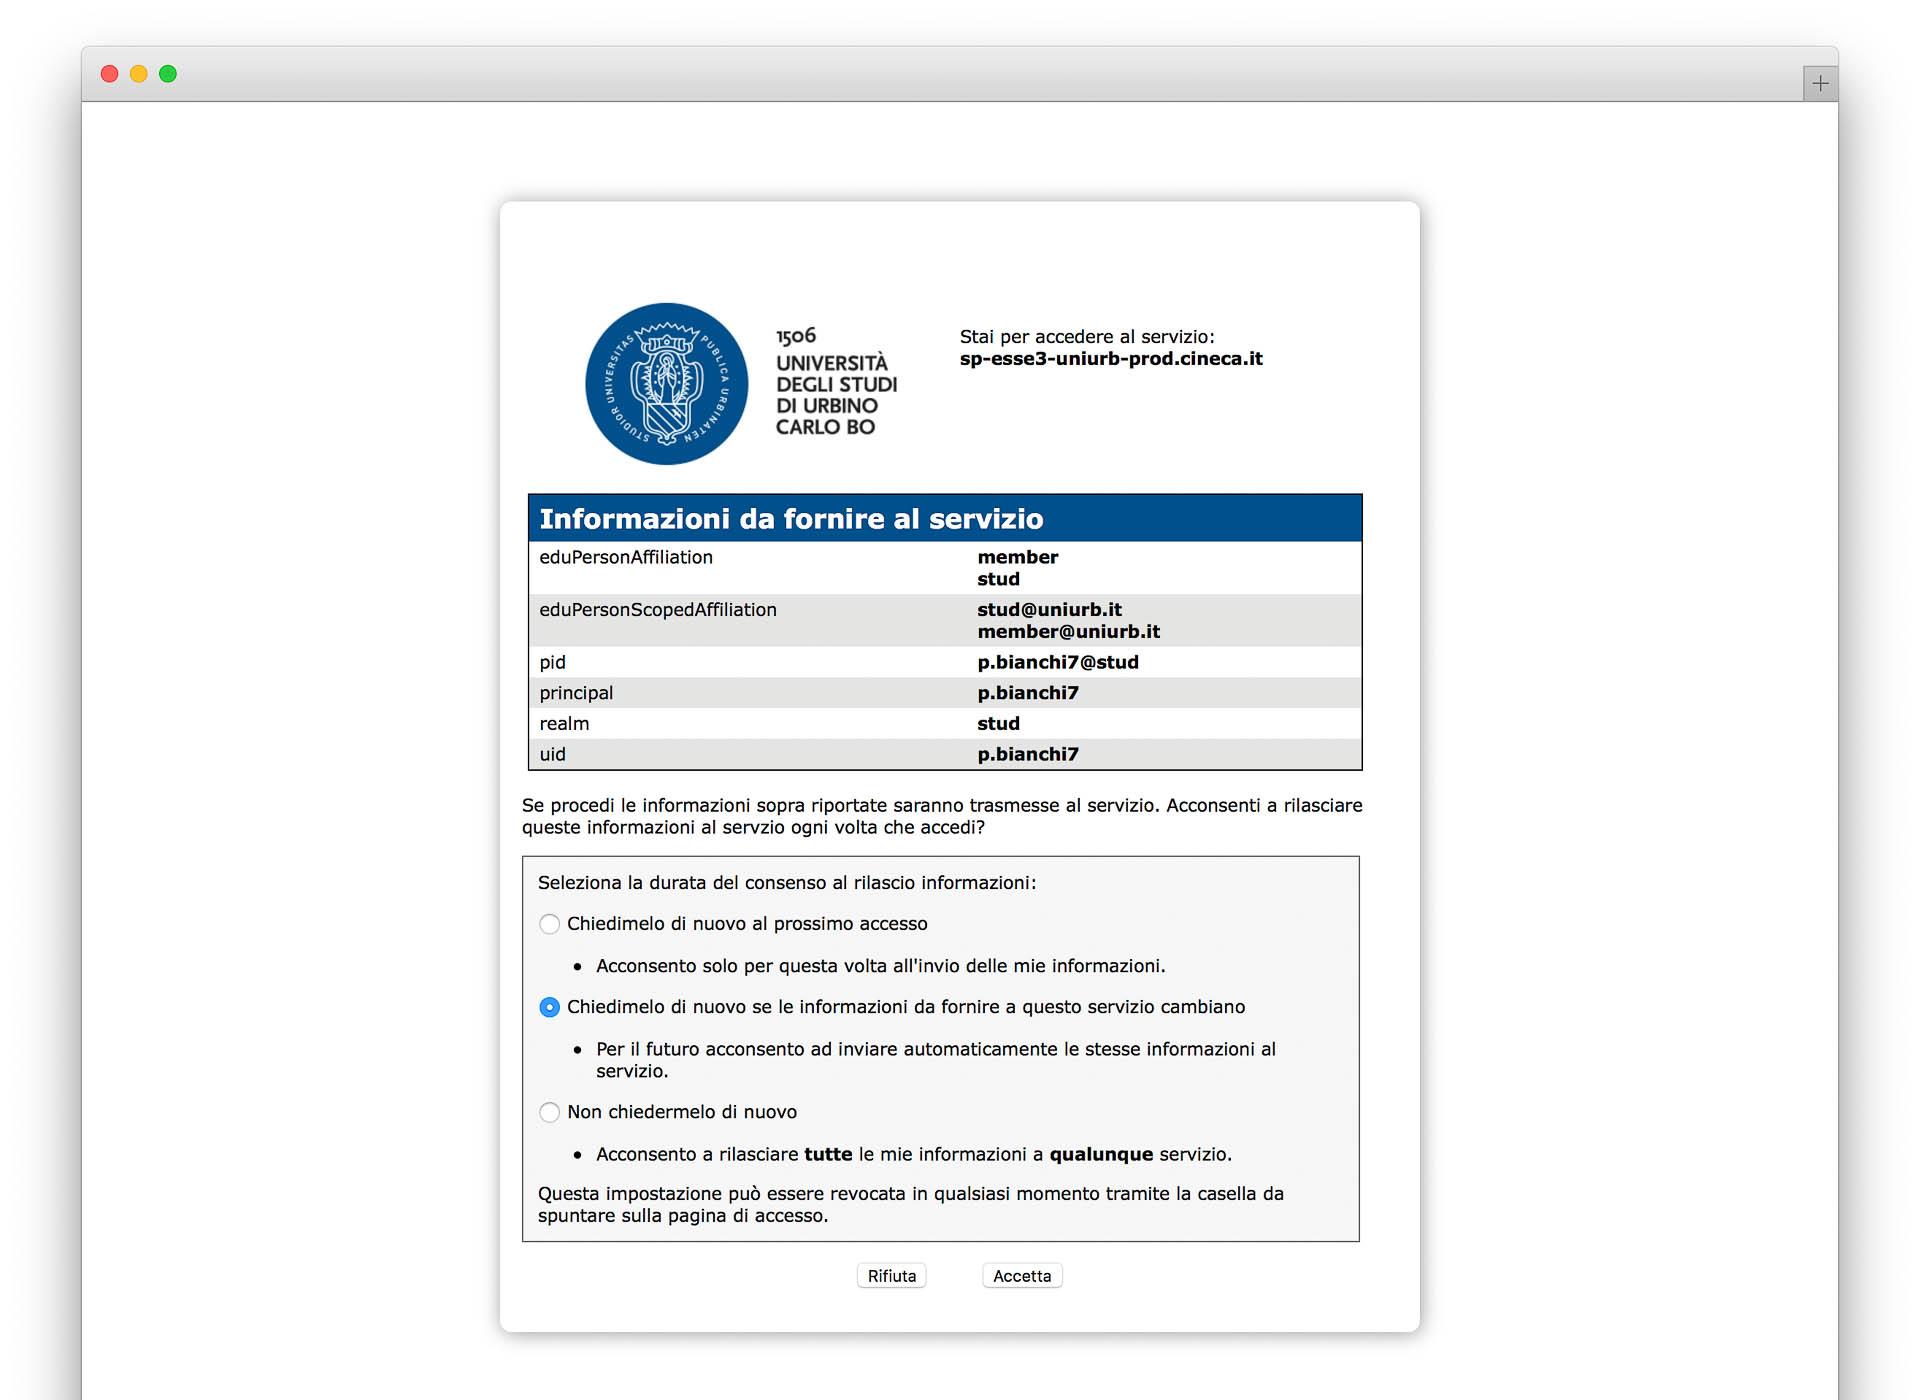 accettazione autorizzazione dati privacy